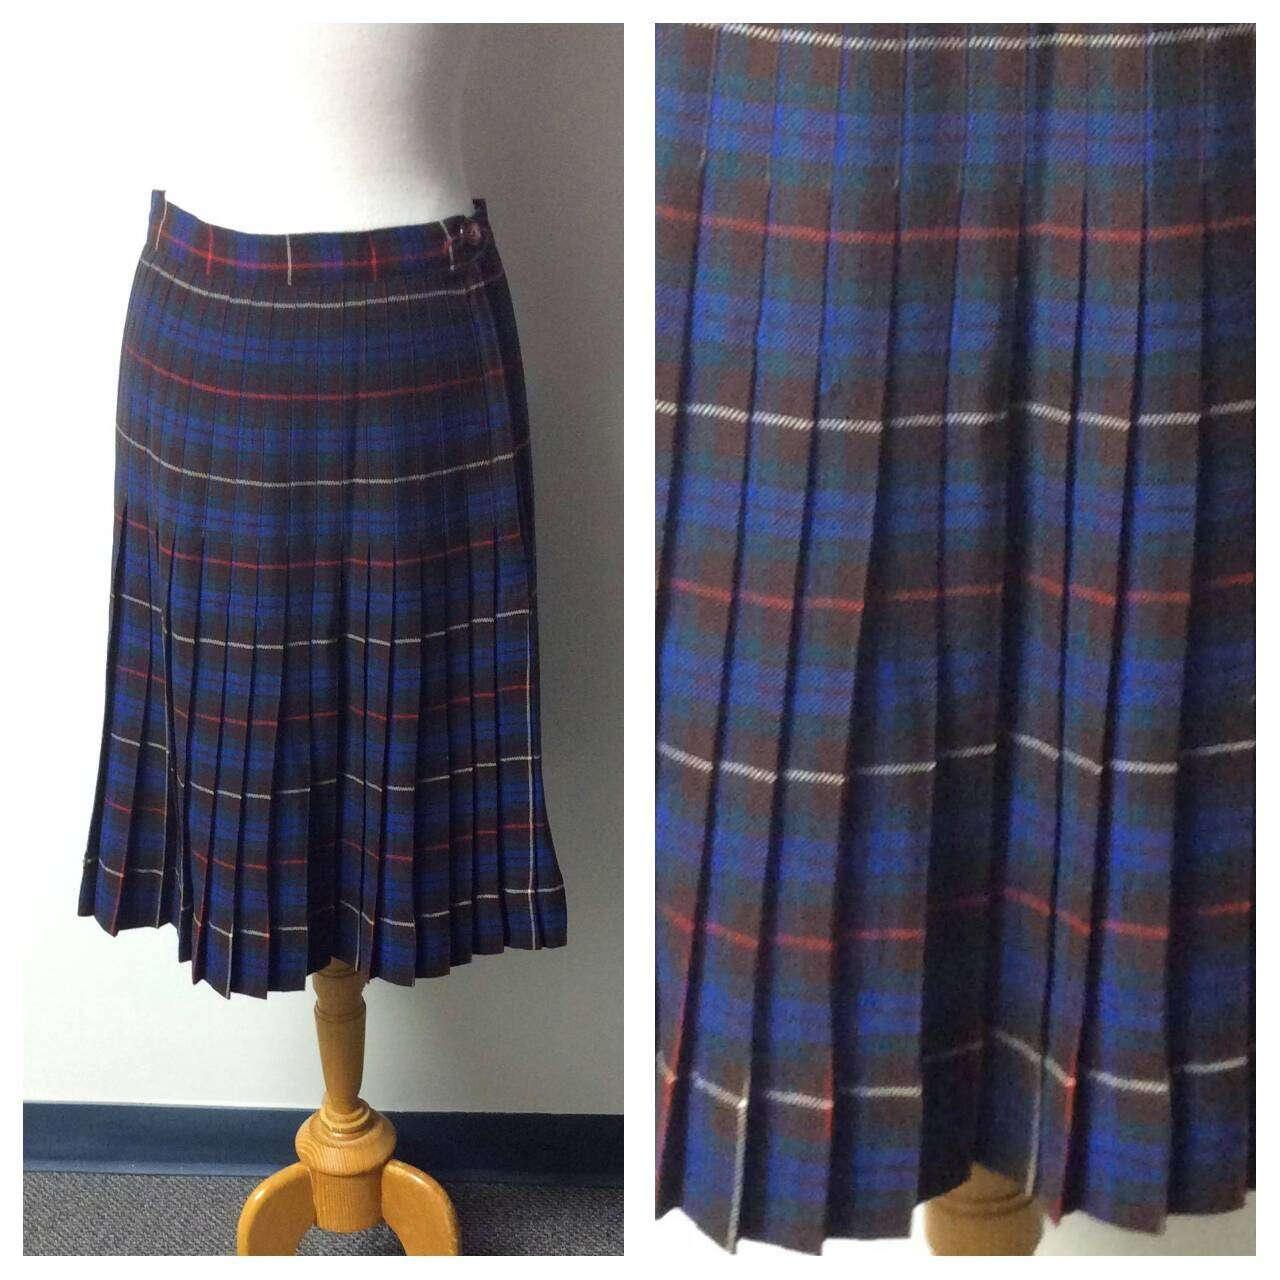 6695f08566 Vintage Clothing Vintage Plaid Pleated Skirt Royal Blue | Etsy